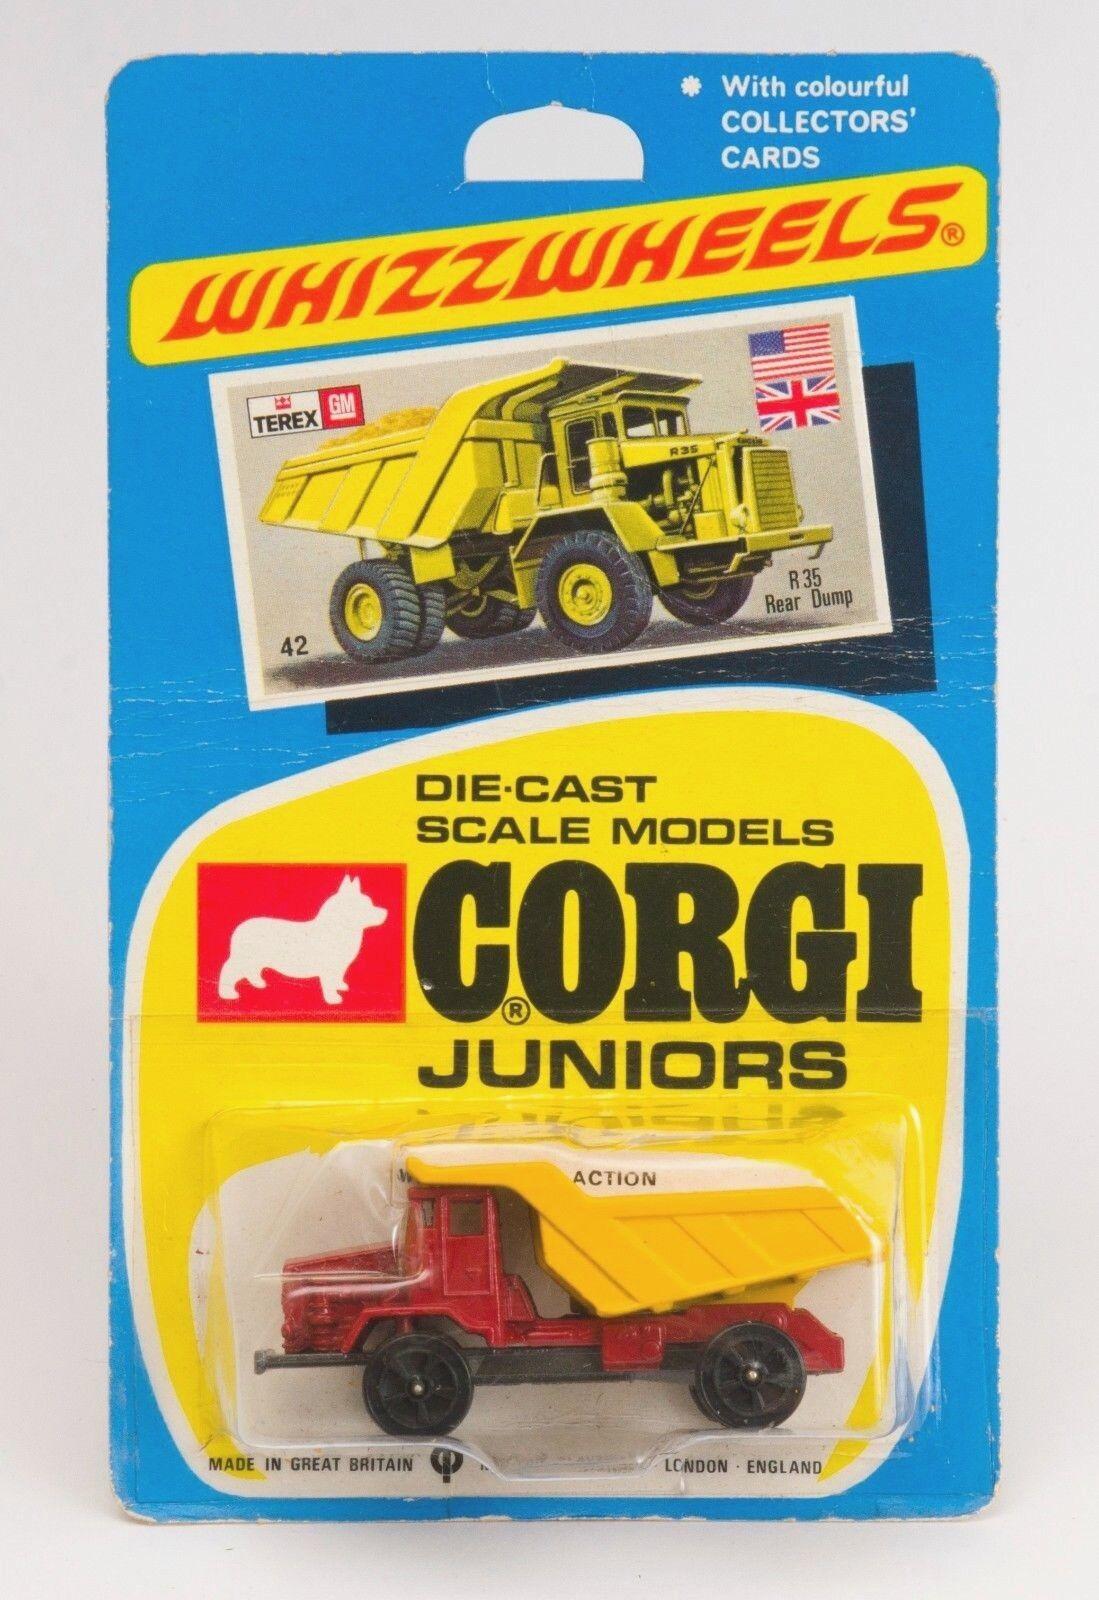 CORGI JUNIORS NO 42 Terex R35 EUCLID Dumper  Camion. Comme neuf voituredée. années 1970  meilleur prix